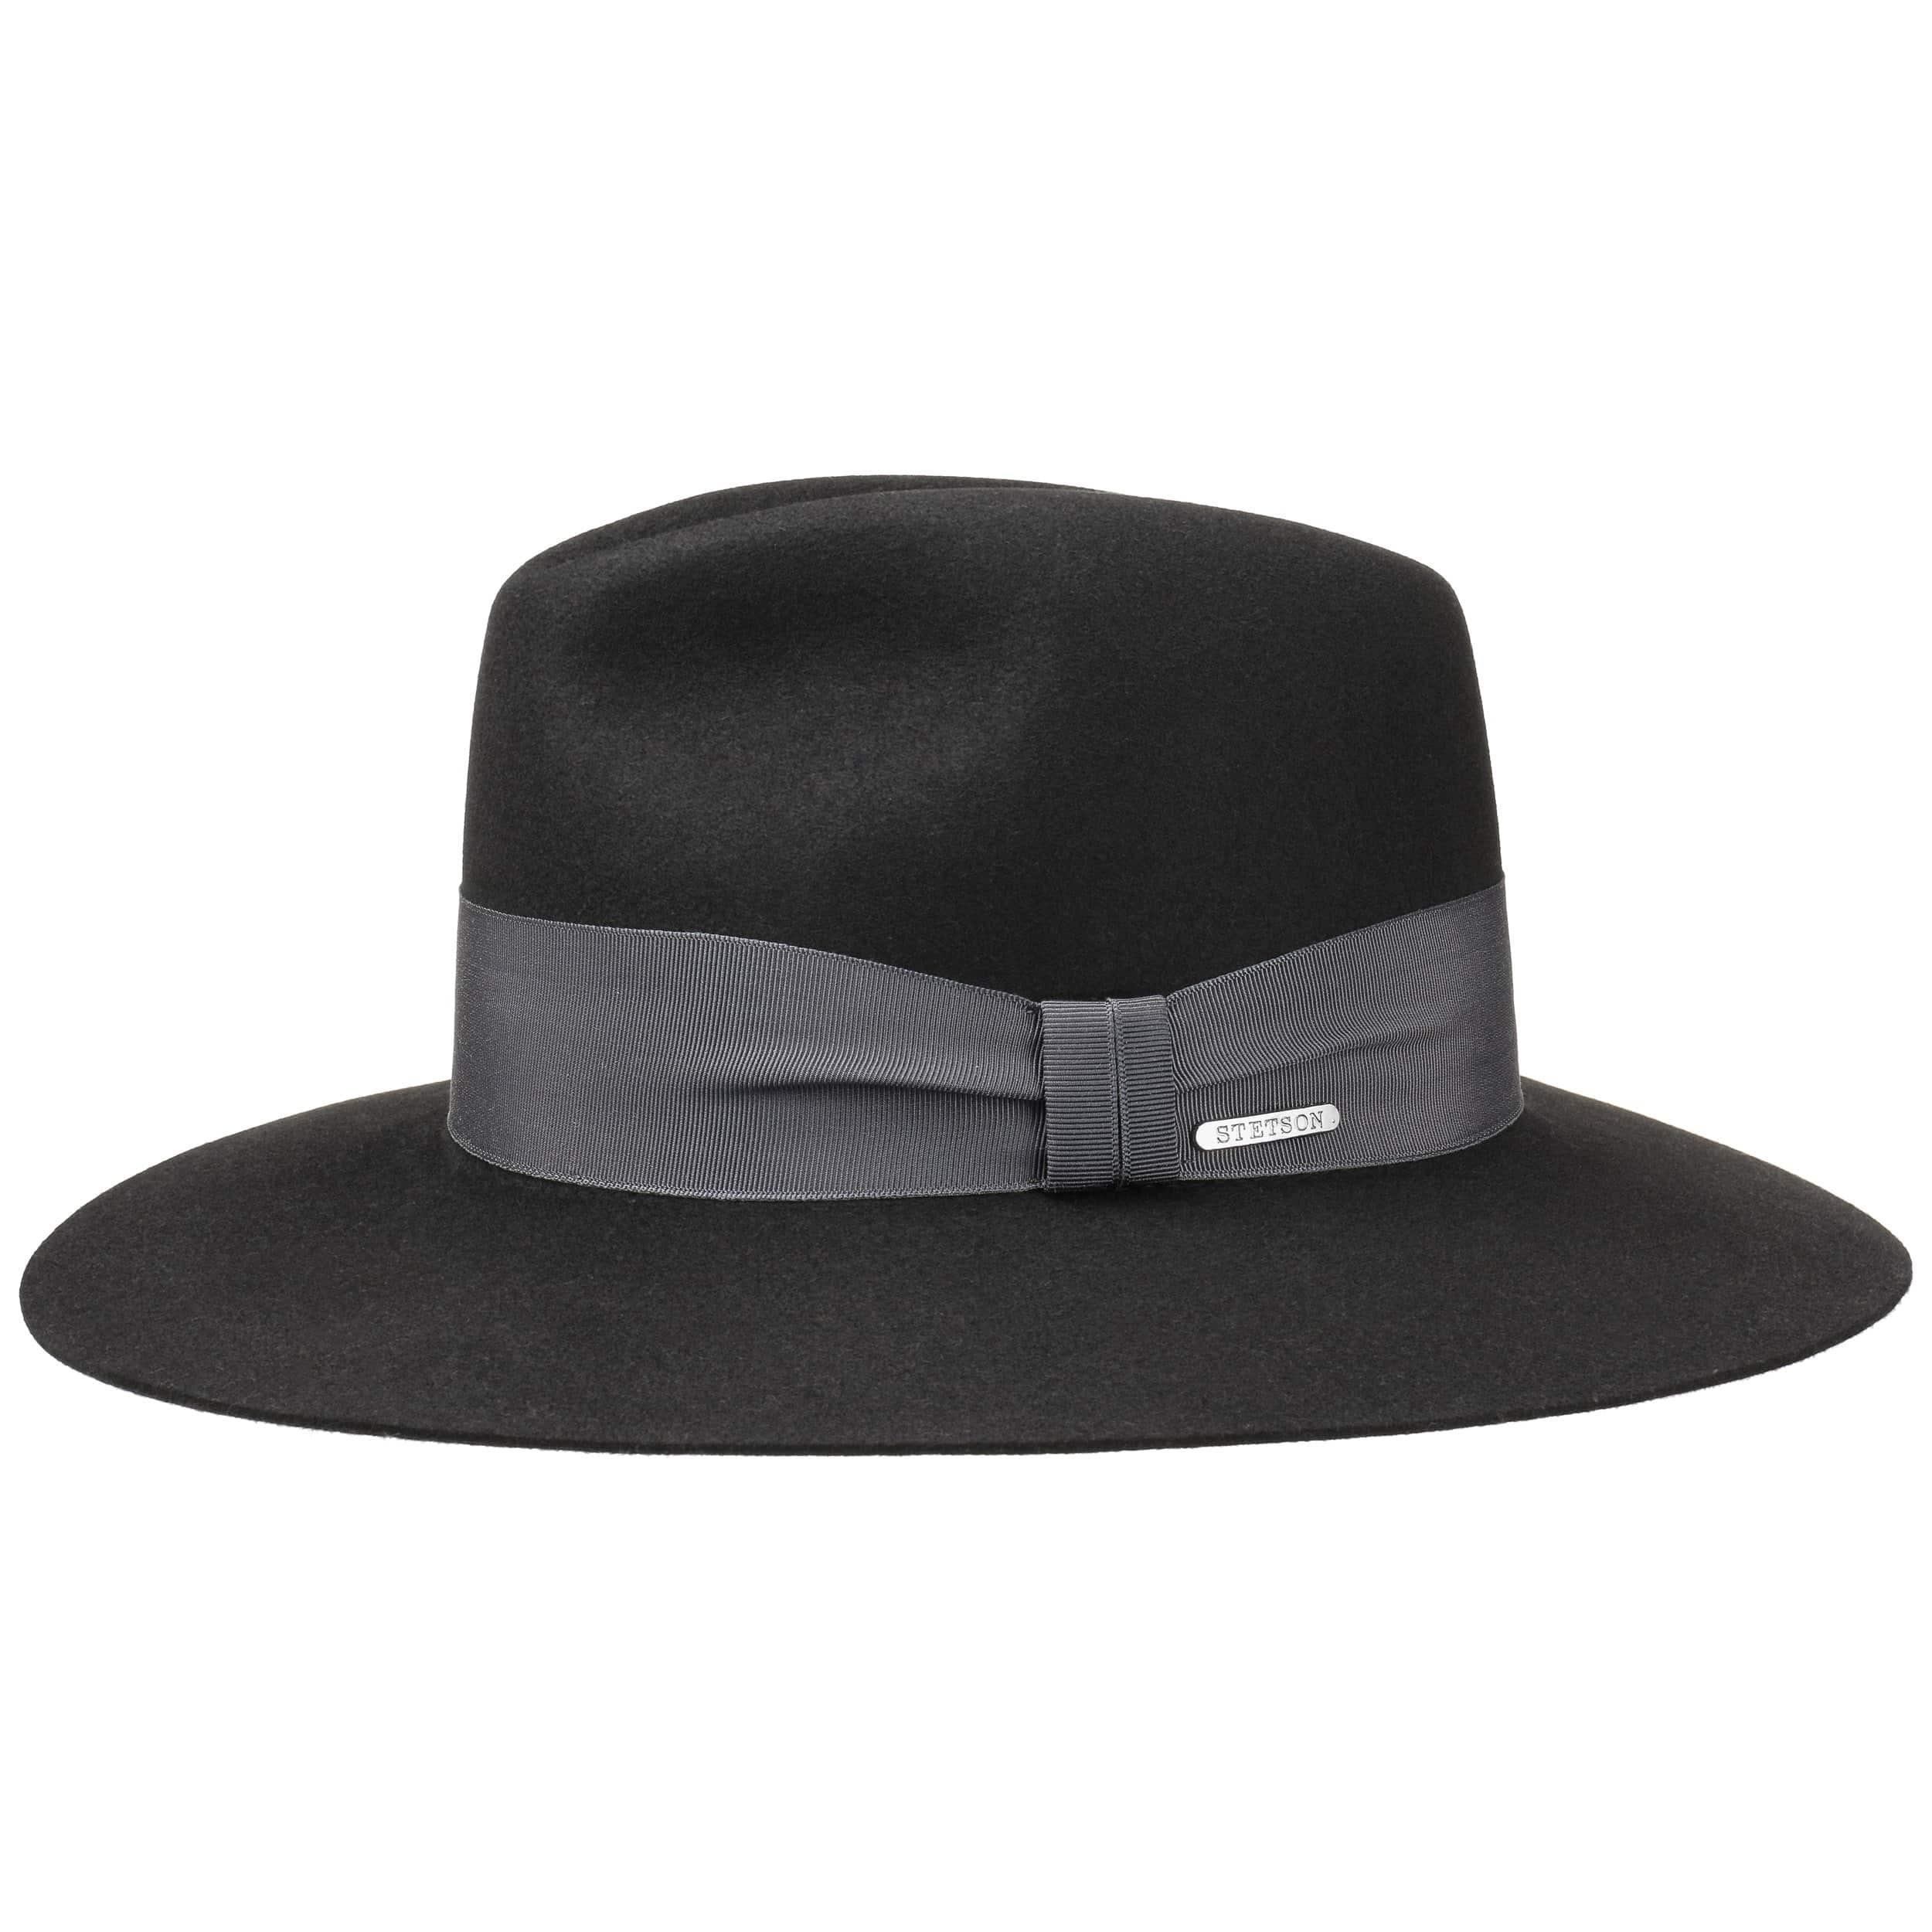 Cappello da Donna Marisa by Stetson - 149,00